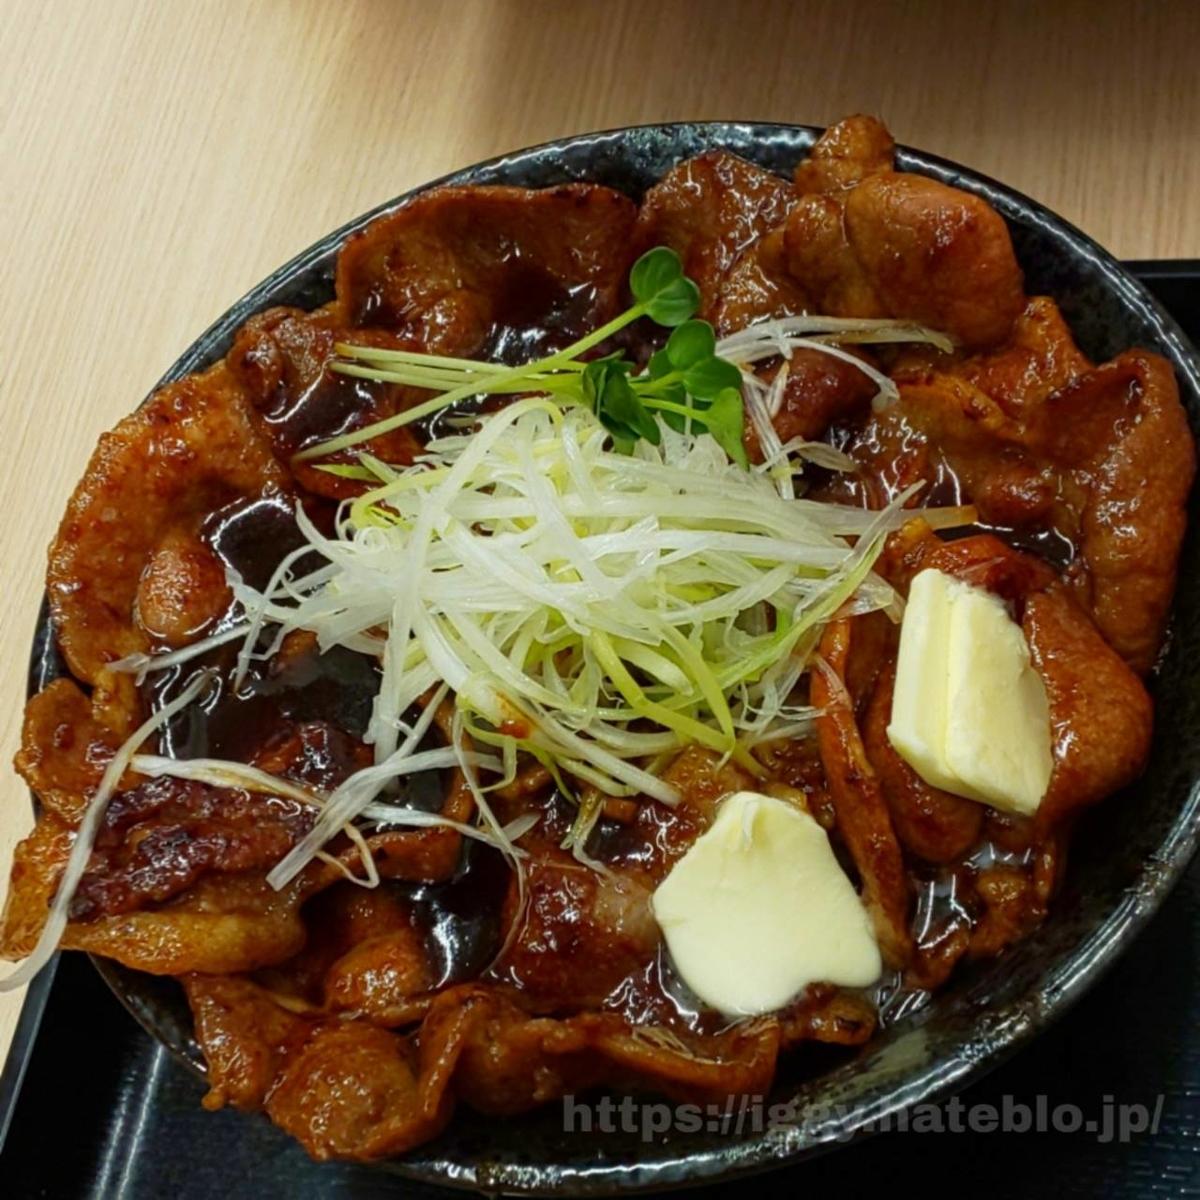 北海道すた丼 iggy2019